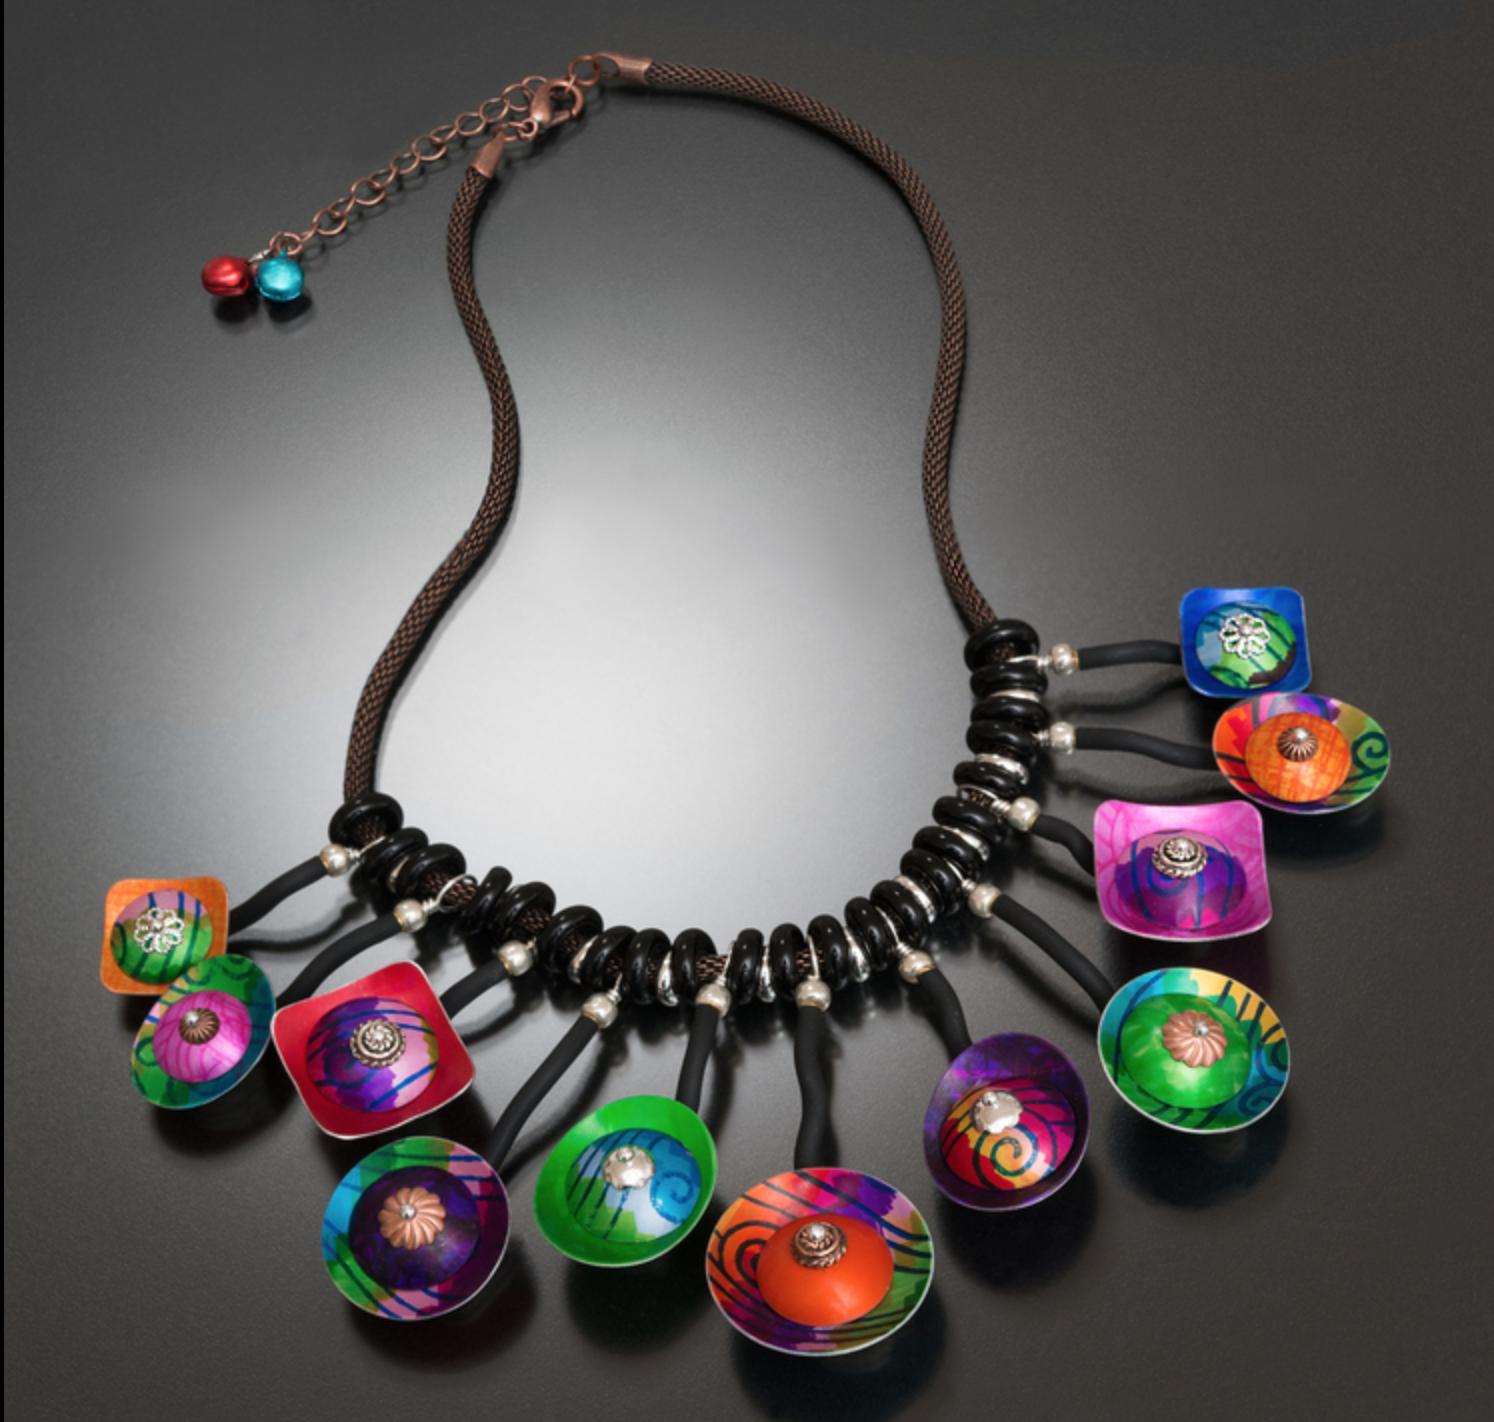 Jewelry- Dana McDaniel